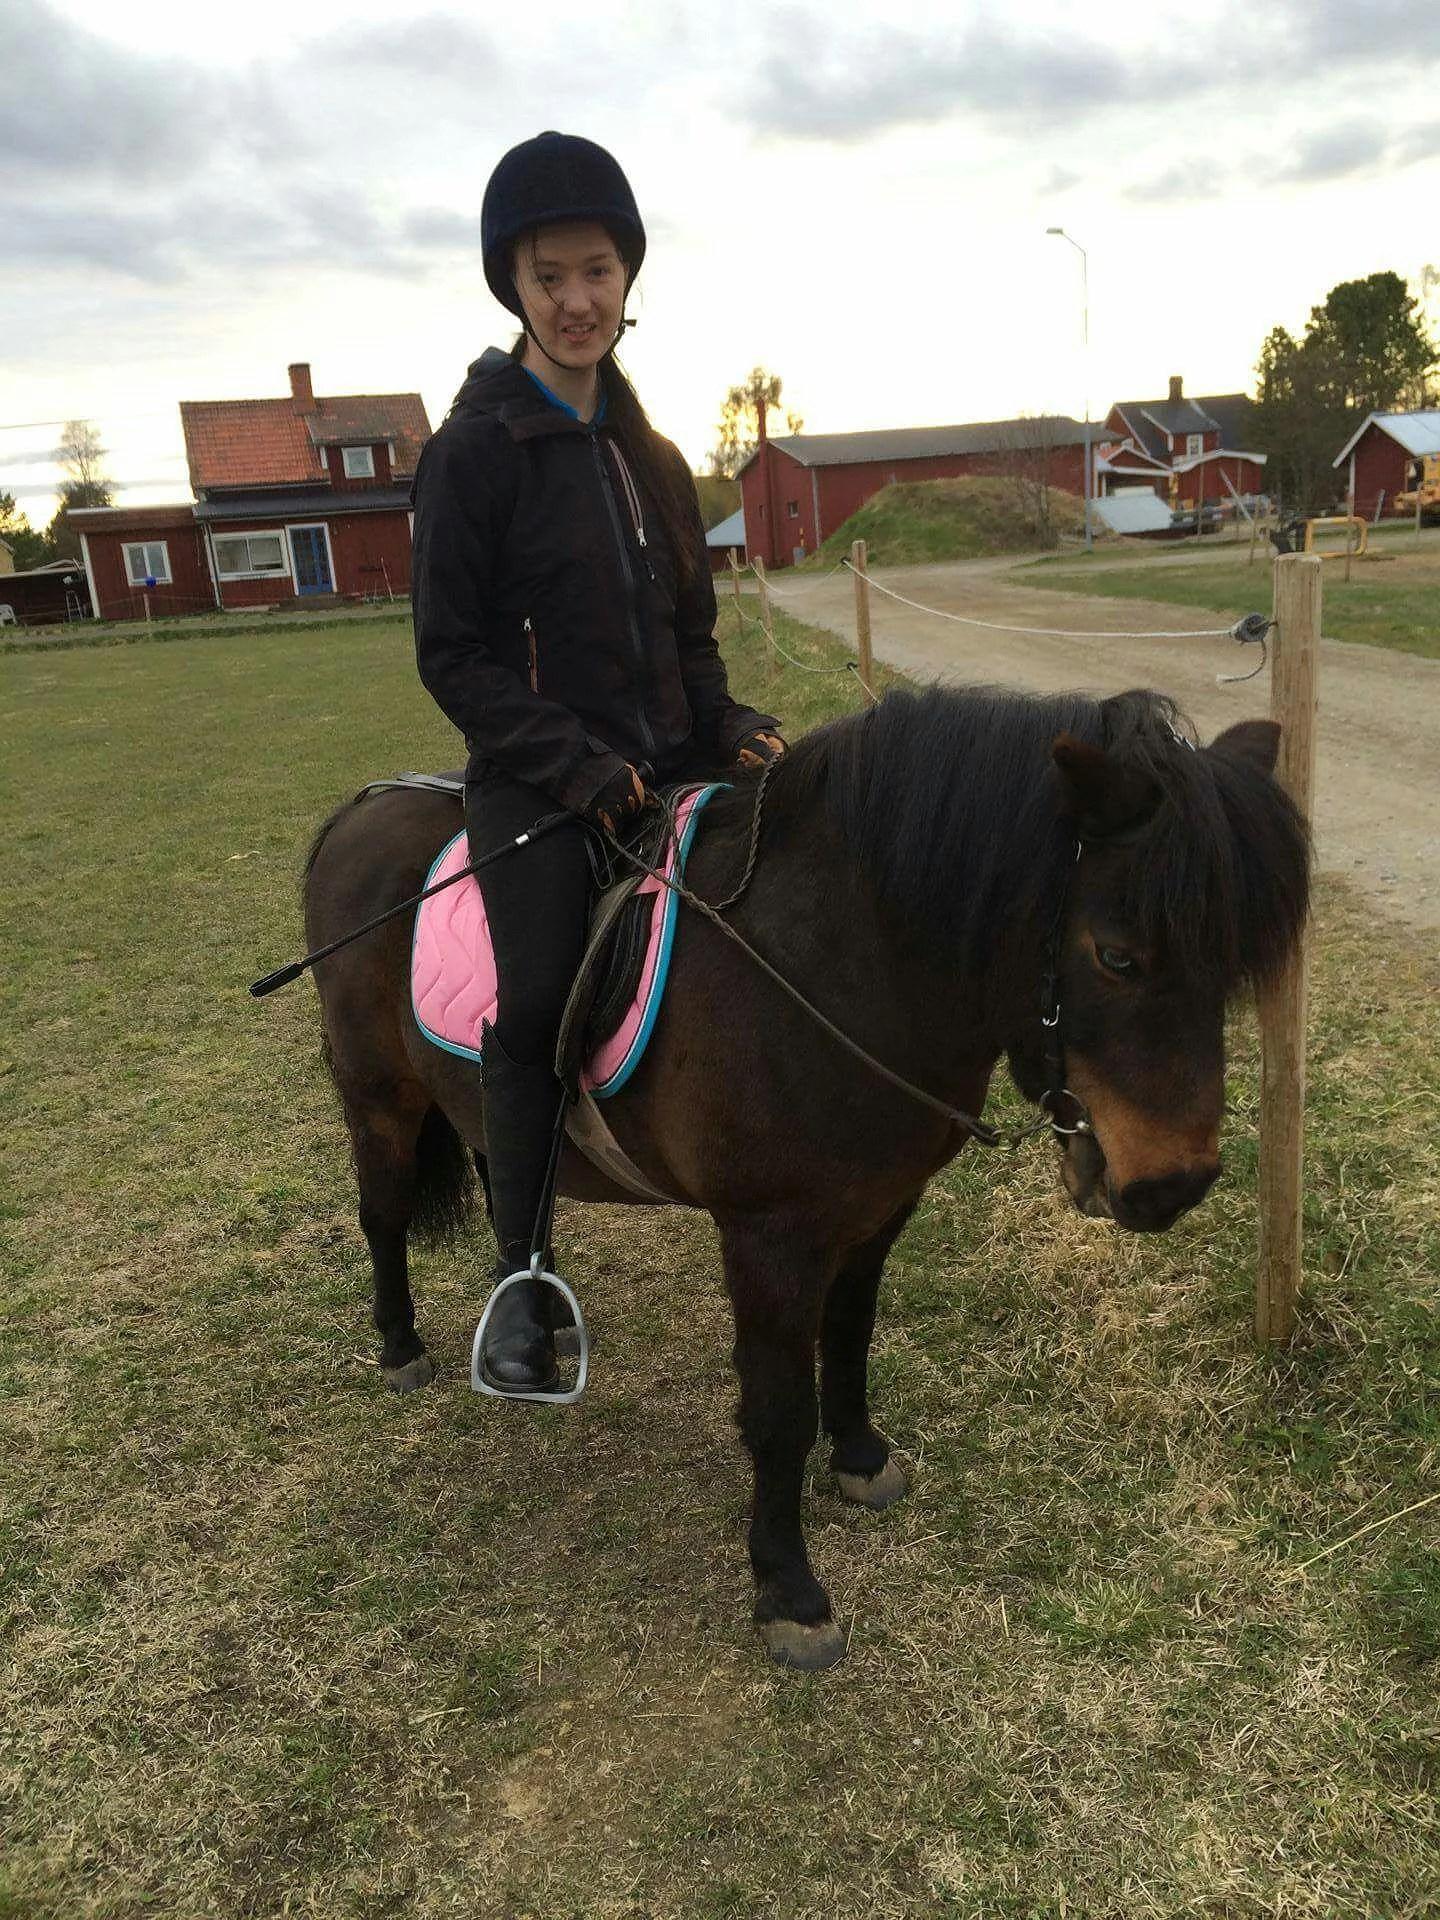 Testade en shetlands ponny